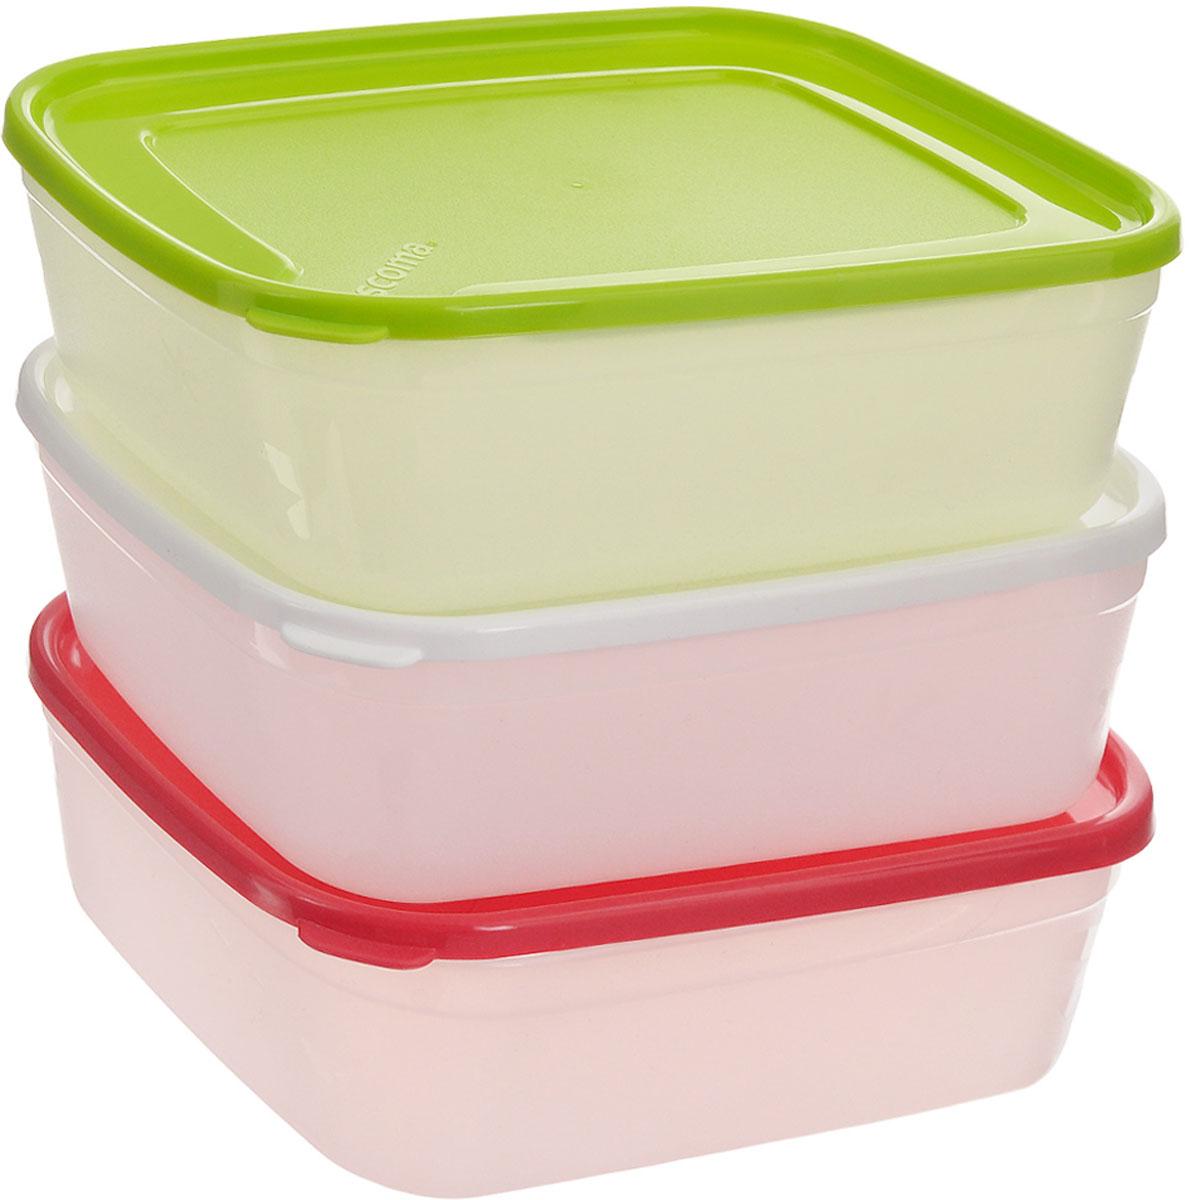 Набор контейнеров для заморозки Tescoma Purity, 1 л, 3 шт891864Набор Tescoma Purity, выполненный из высококачественного пищевого пластика, состоит из трех контейнеров с плотно закрывающимися цветными крышками. Изделия отлично подходят для хранения продуктов в морозильной камере или холодильнике. Контейнеры удобно складываются друг в друга, что экономит пространство при хранении в шкафу. Пригодны для морозильников, холодильников, микроволновых печей. При использовании в микроволновой печи всегда оставляйте крышку приоткрытой. Можно мыть в посудомоечной машине. Объем контейнера: 1 л. Размер контейнера (без учета крышки): 17 х 13 х 6,7 см.